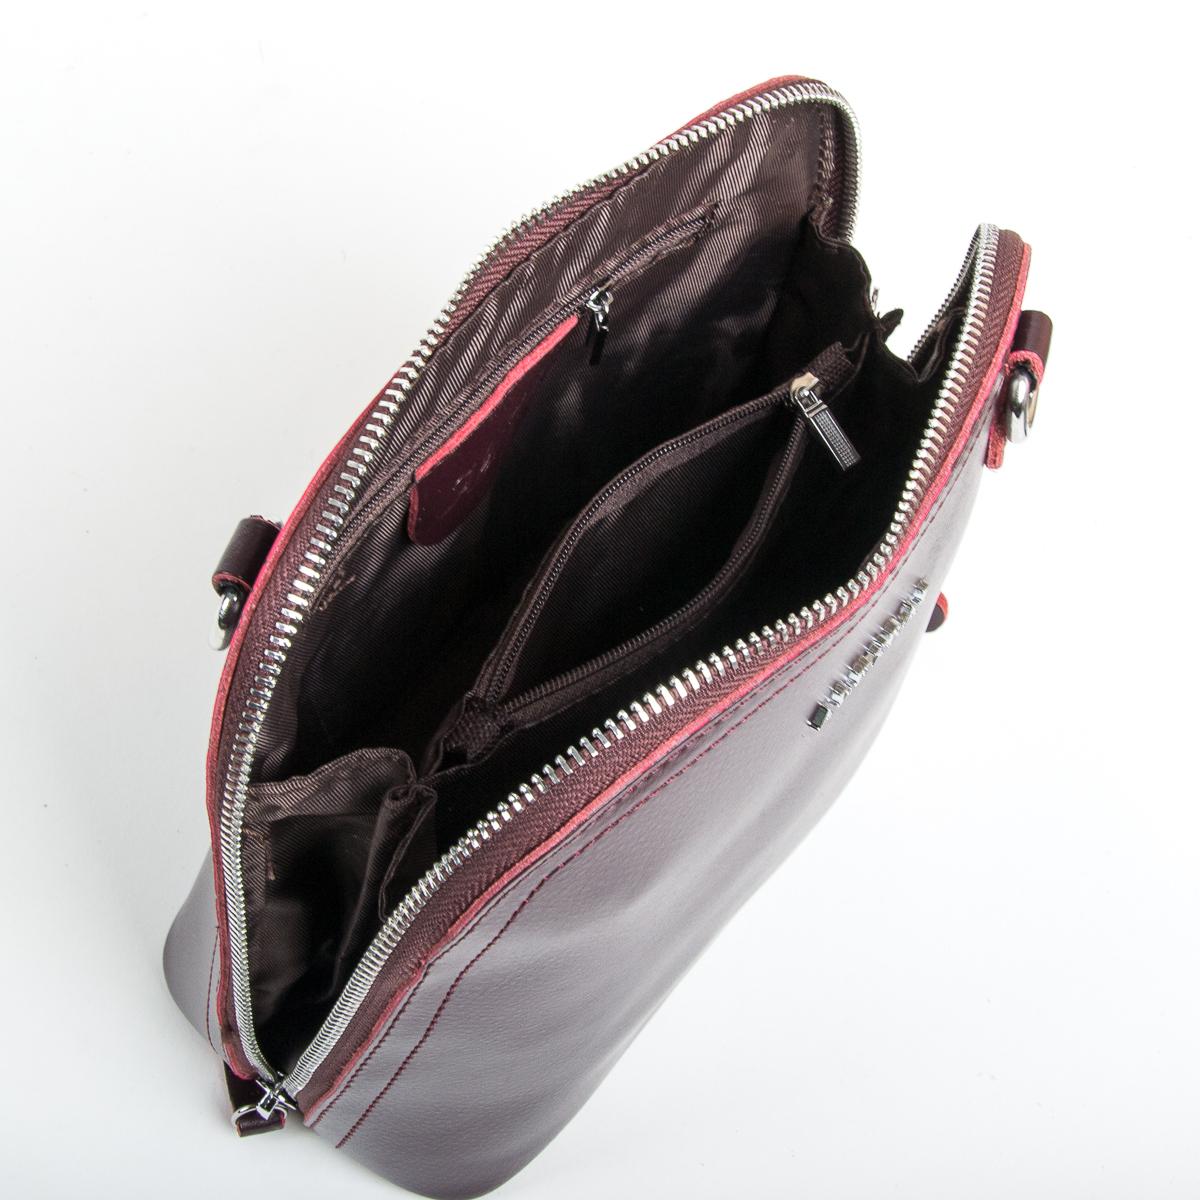 Сумка Женская Клатч кожа ALEX RAI 9-01 8803 burgundy - фото 5